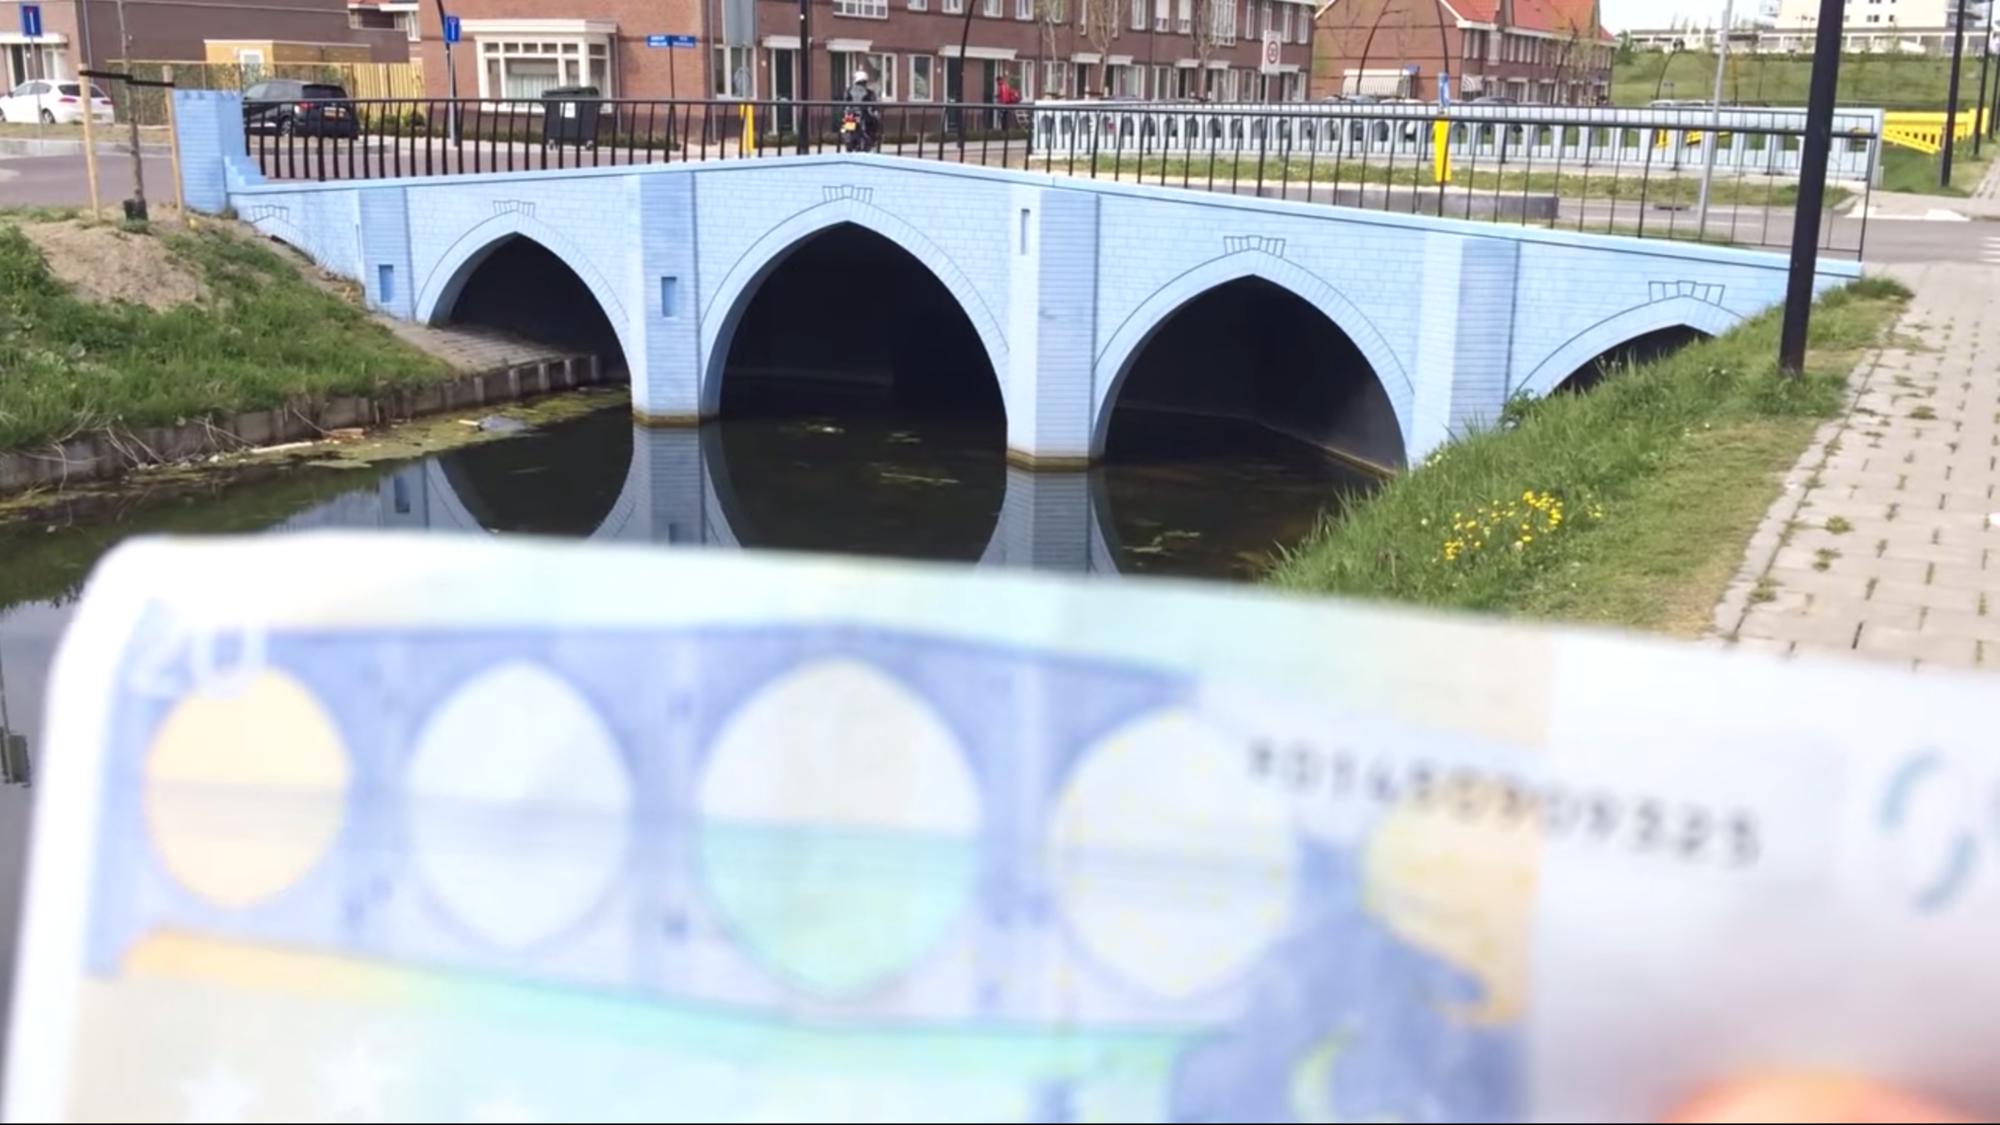 Puentes ficticios del Euro en realidad ya fueron construidos en Holanda